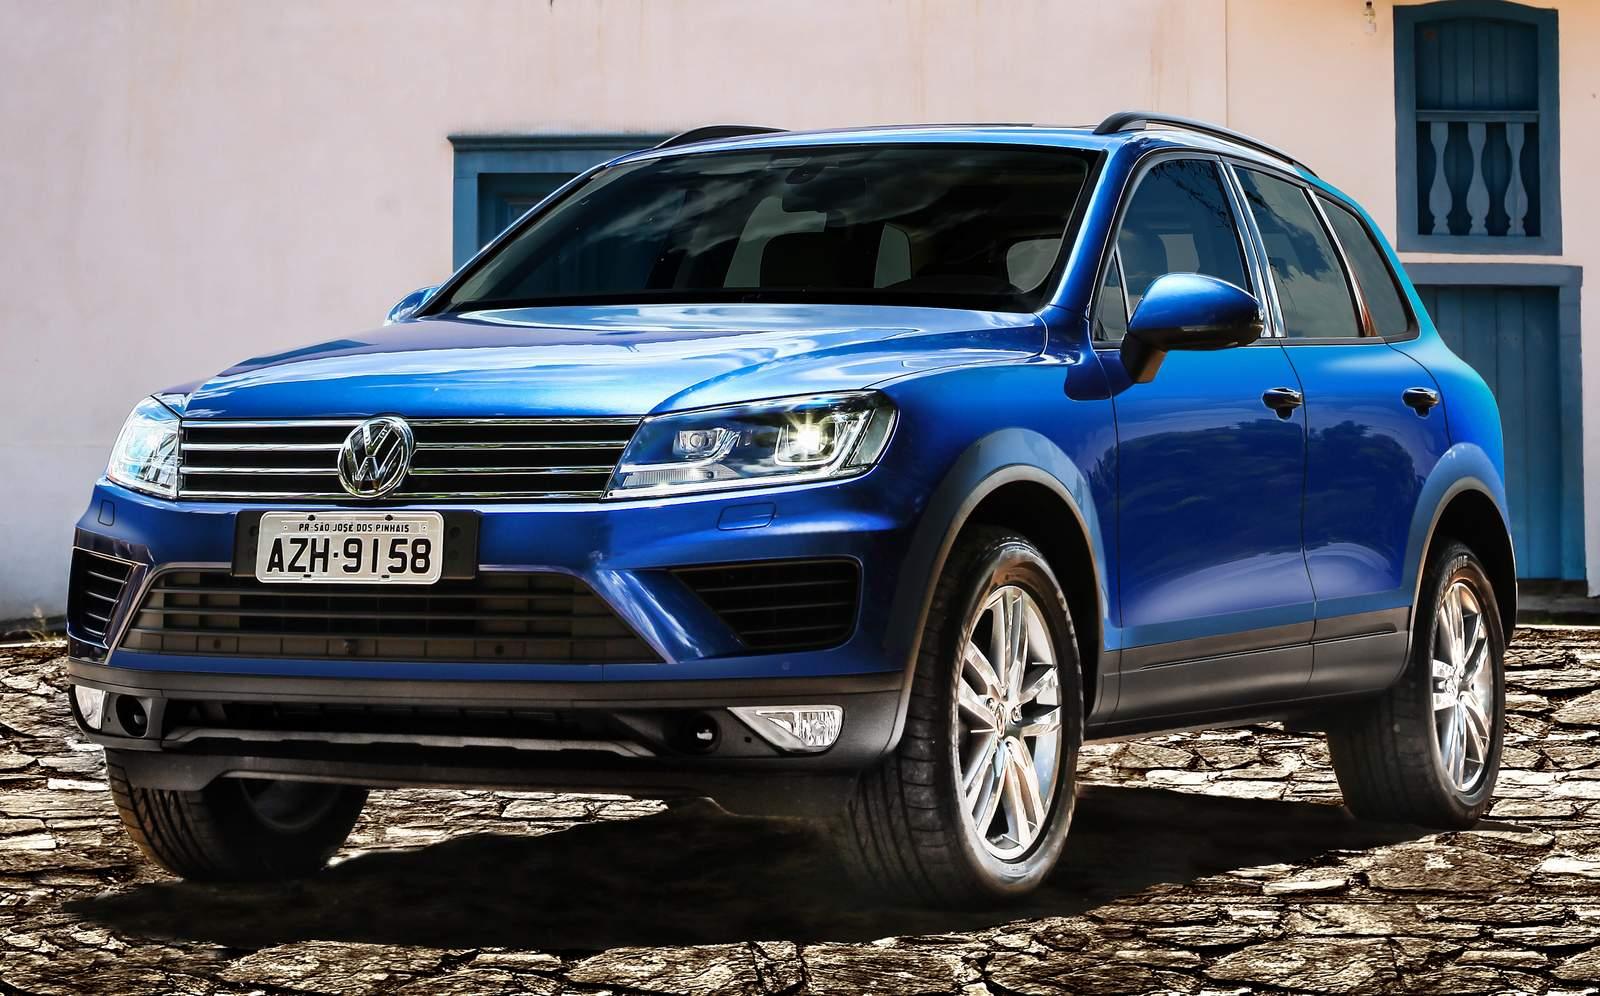 Novo VW Touareg 2015 V6